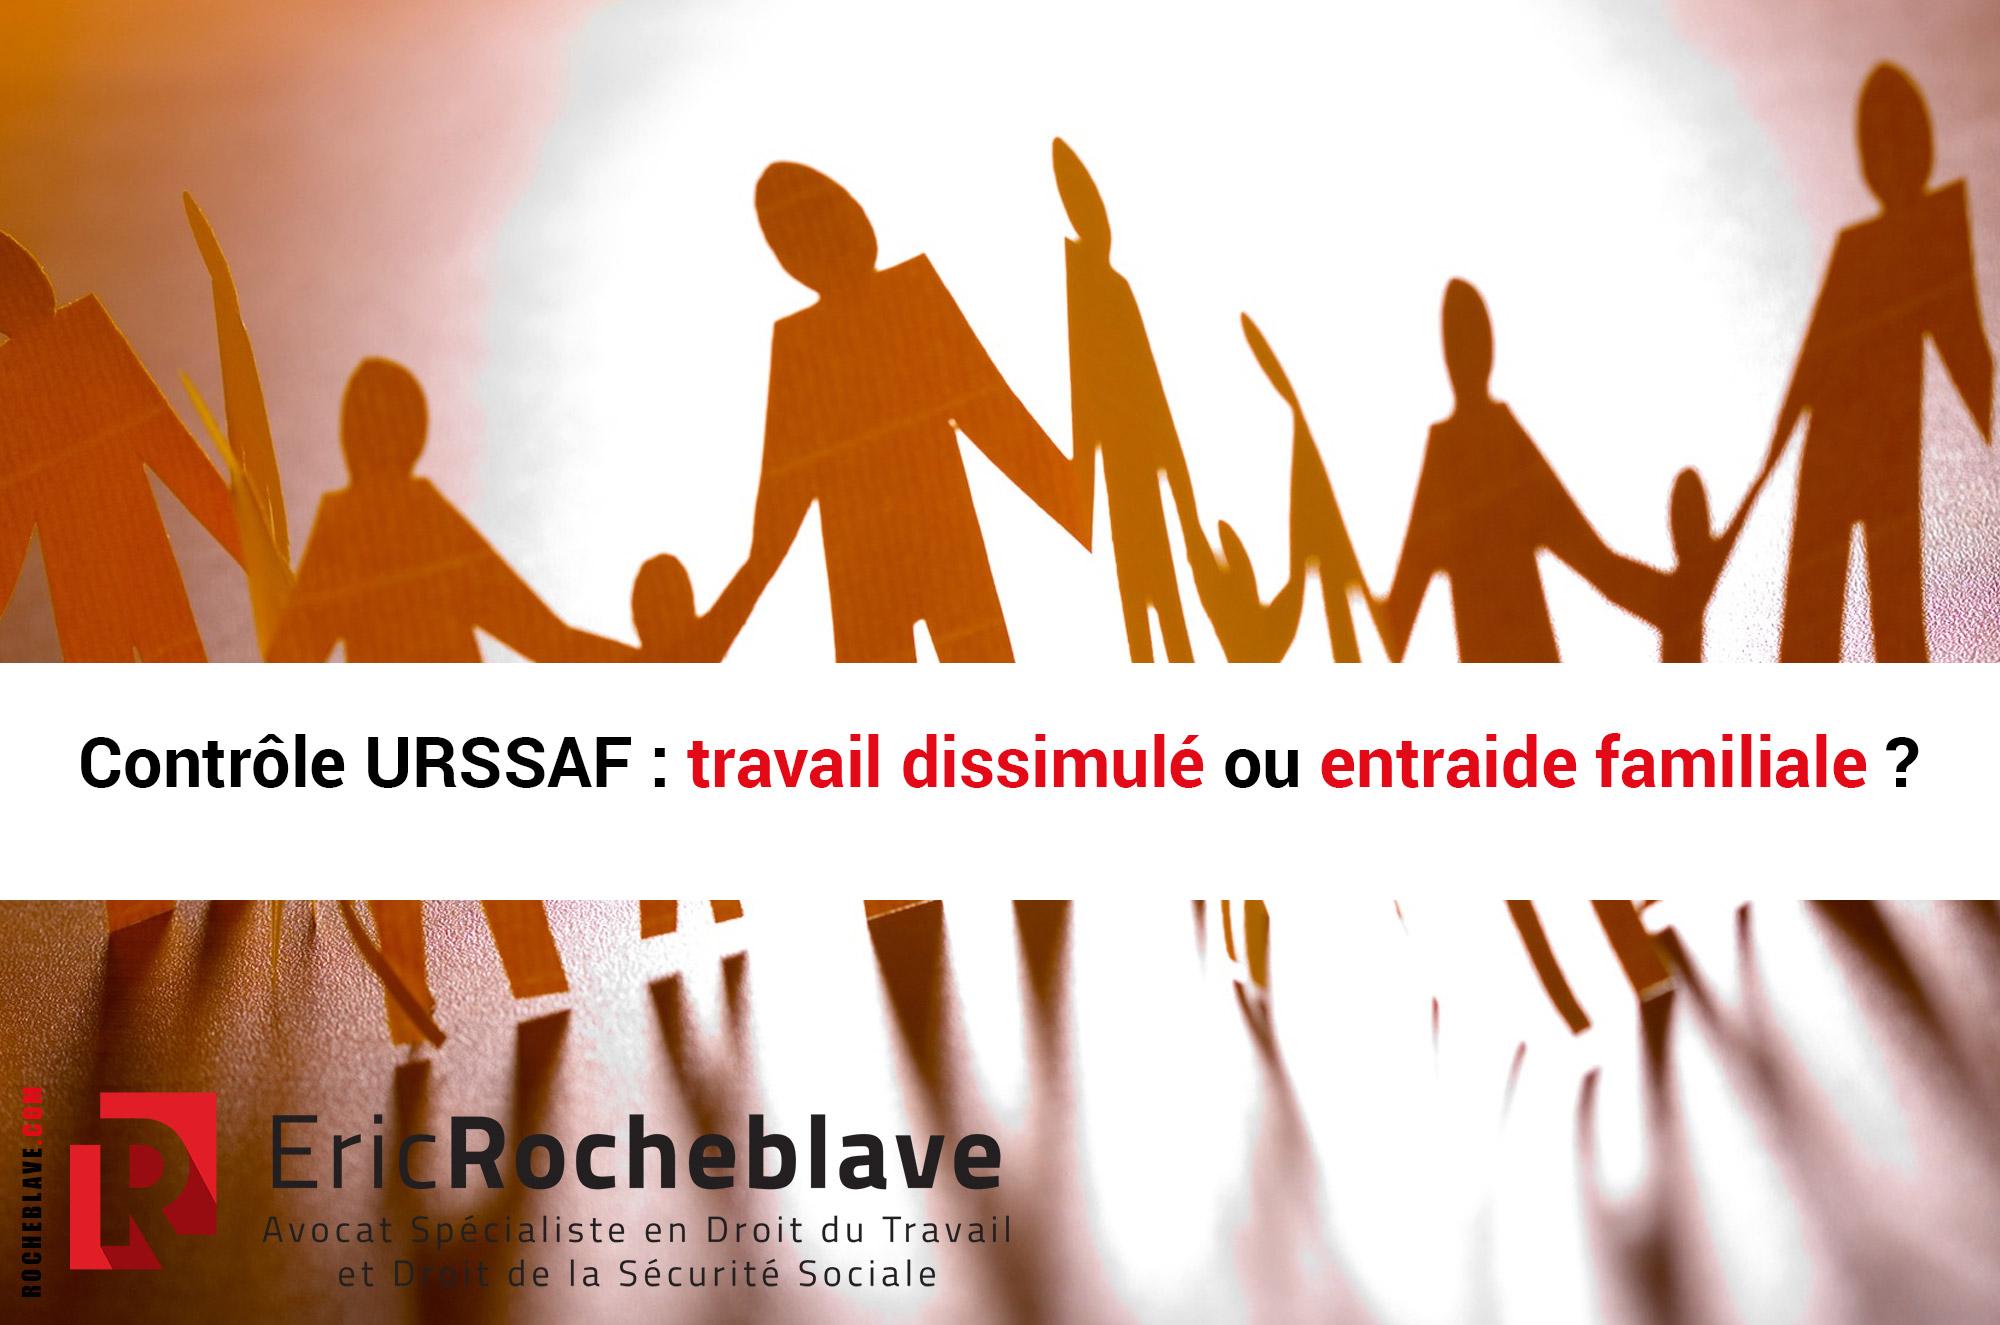 Contrôle URSSAF : travail dissimulé ou entraide familiale ?